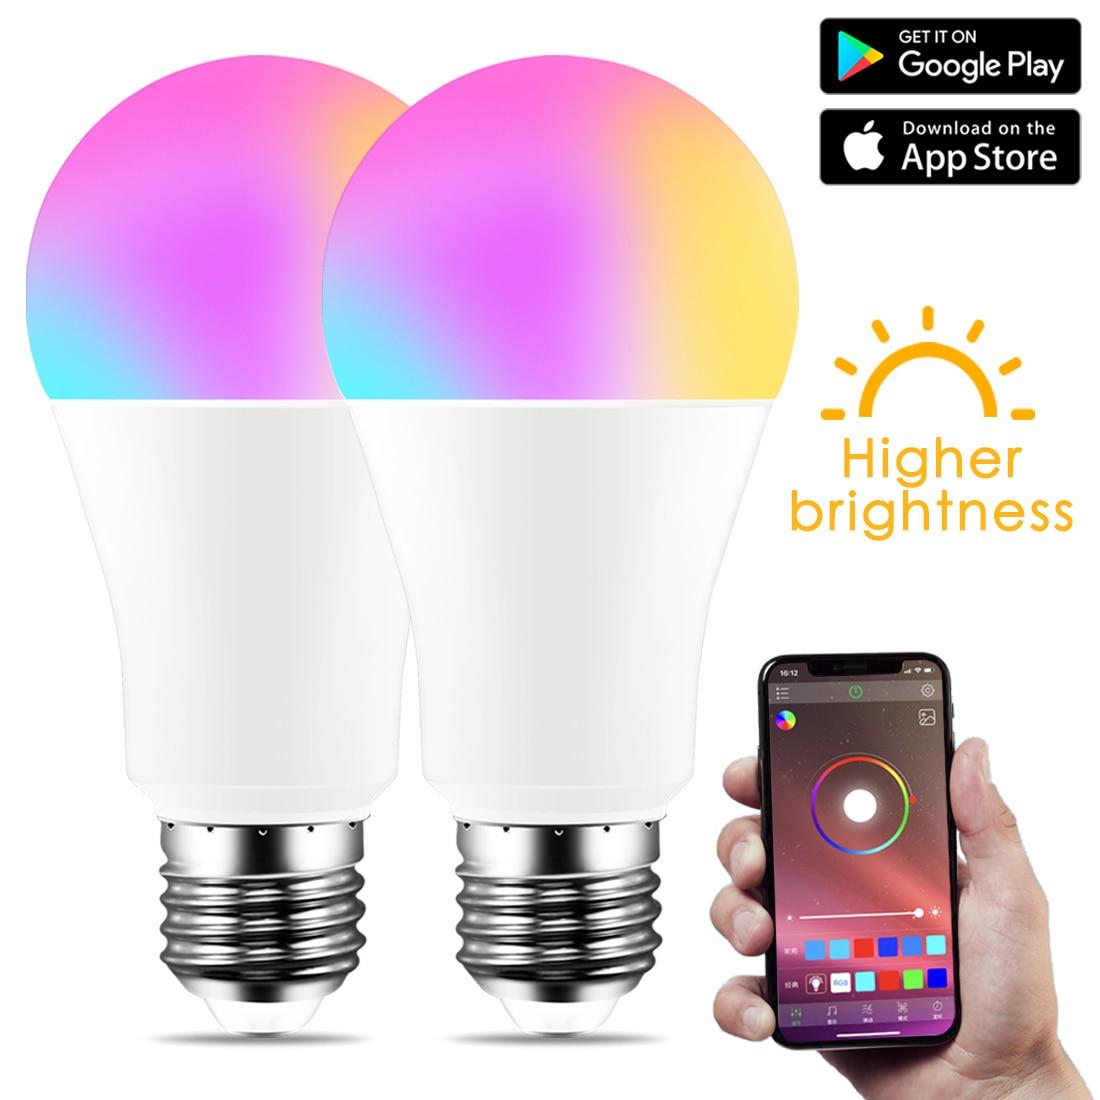 Новая беспроводная Bluetooth 4,0 умная лампа для домашнего освещения, лампа 10 Вт E27 Magic RGB + W, светодиодная цветная лампа с регулируемой яркостью дл...